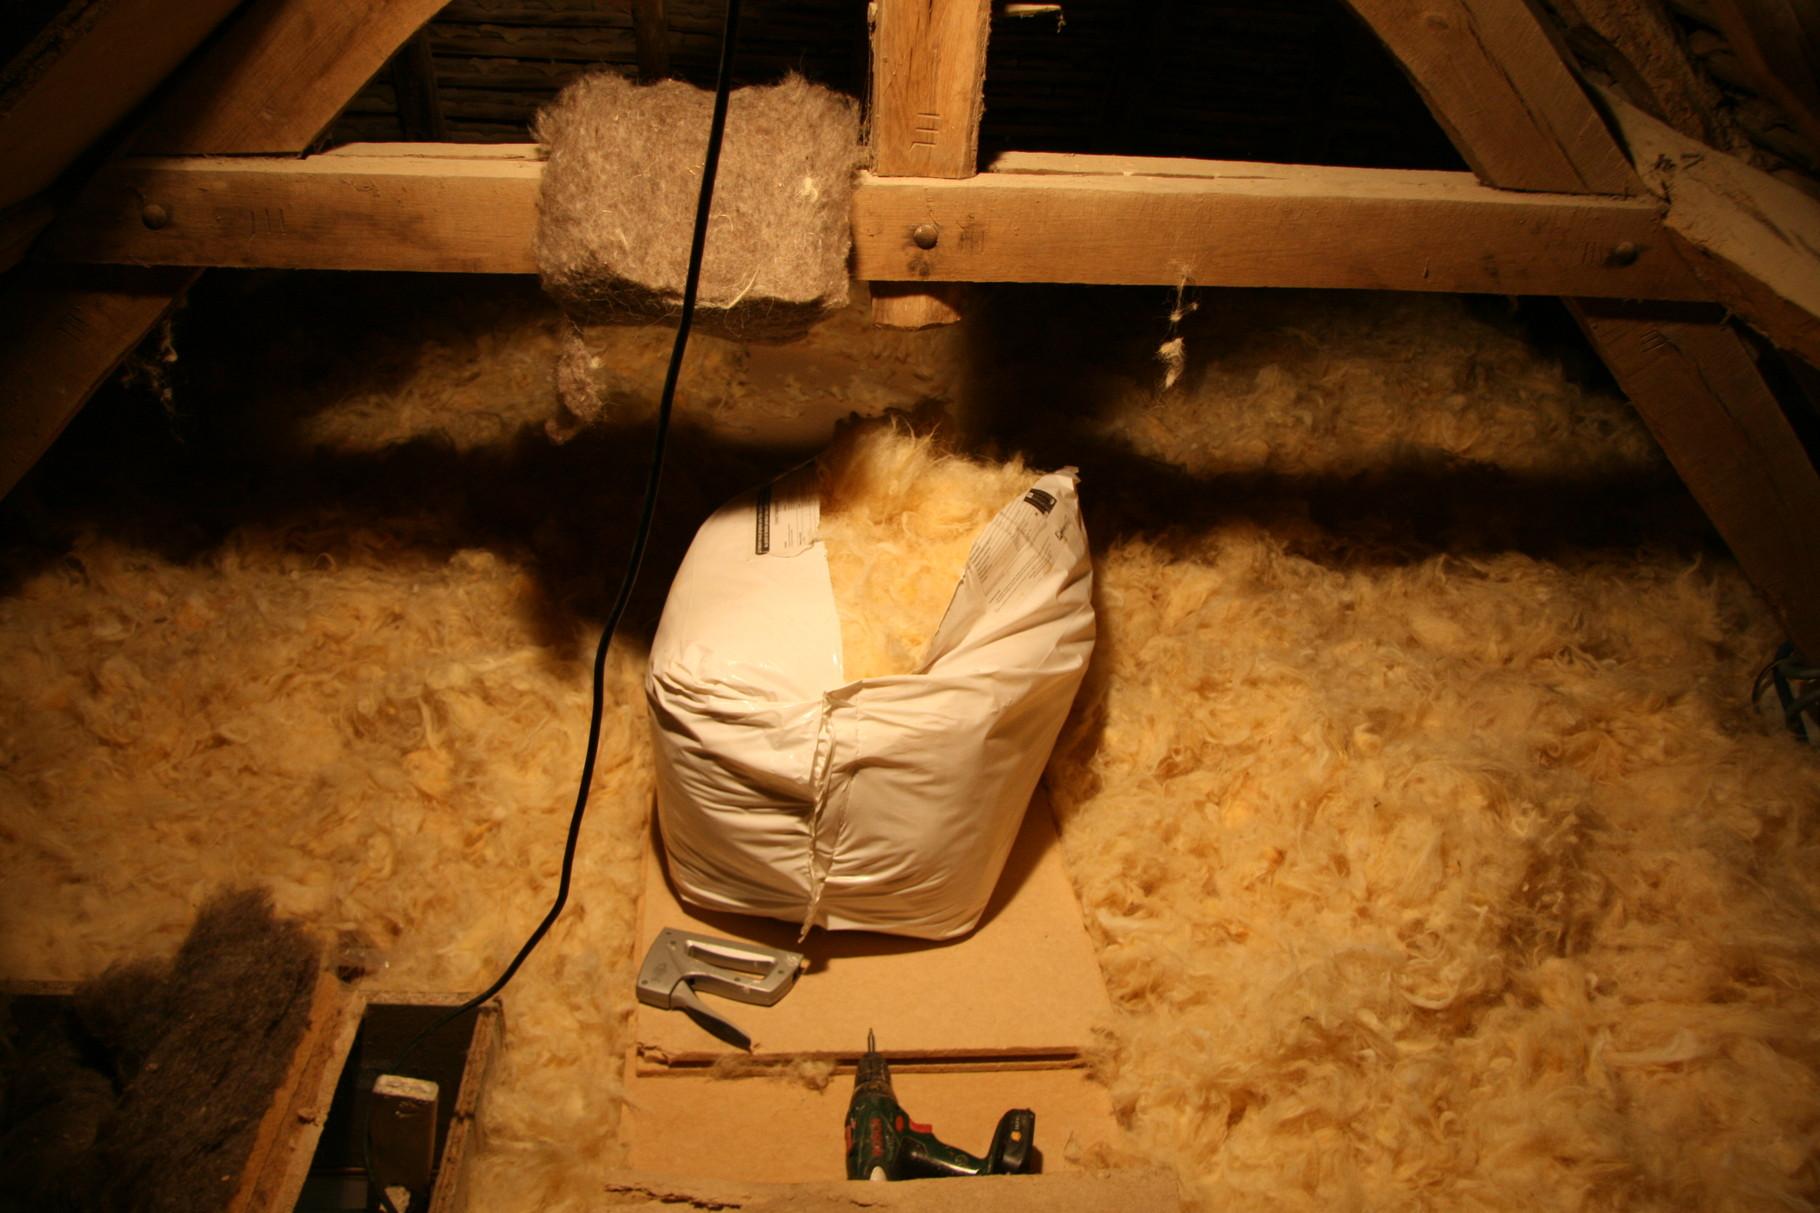 la laine de mouton en vrac dans les combles perdus